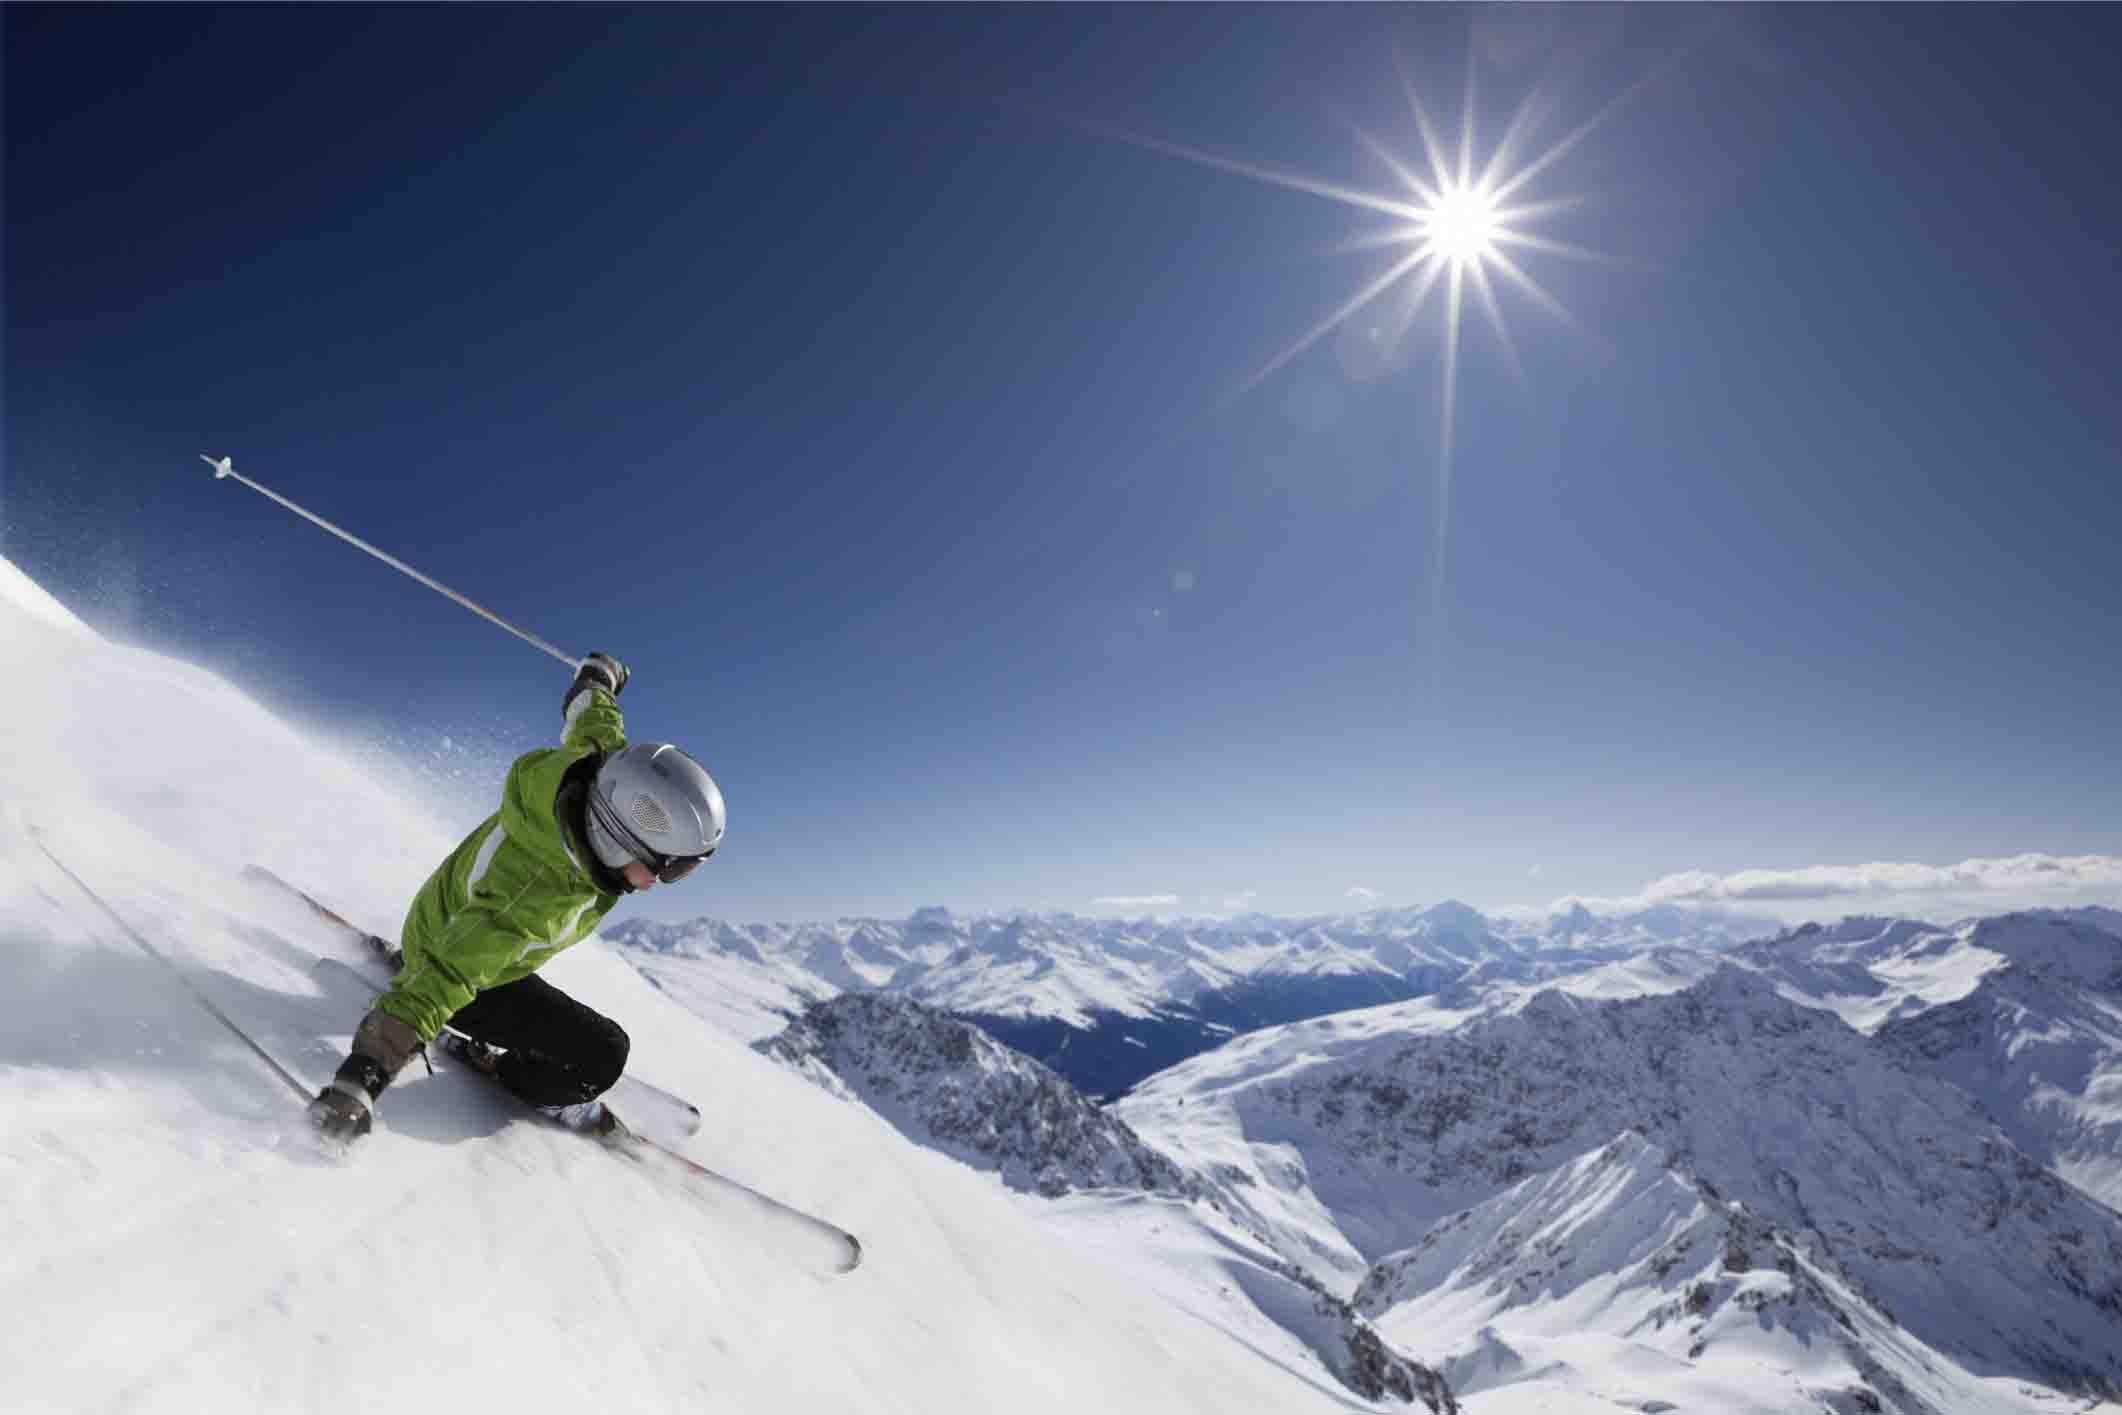 ski-mountain-snow-new-york-usa